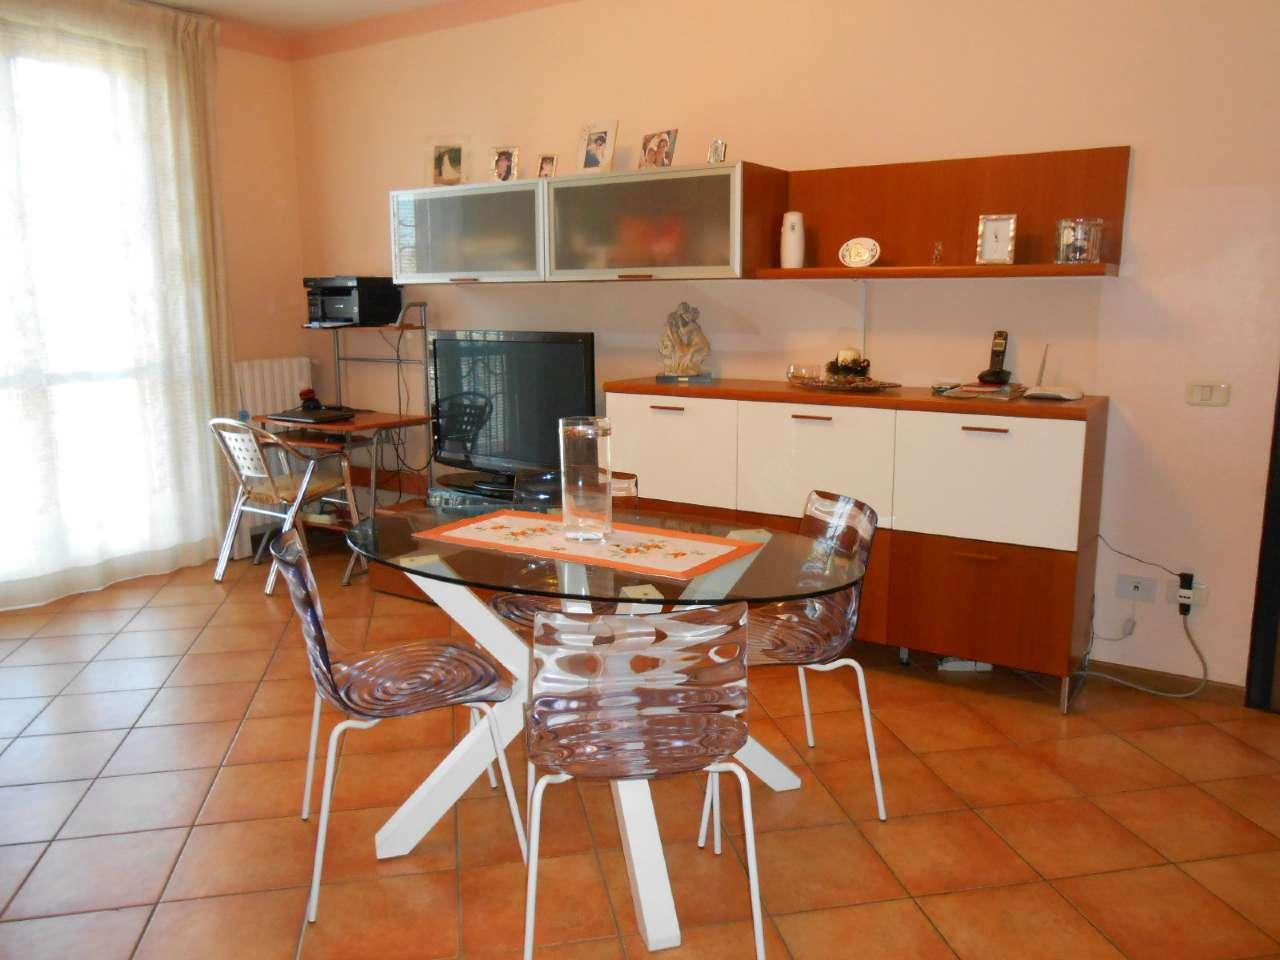 Appartamento in vendita a Monte Cremasco, 3 locali, prezzo € 115.000 | PortaleAgenzieImmobiliari.it